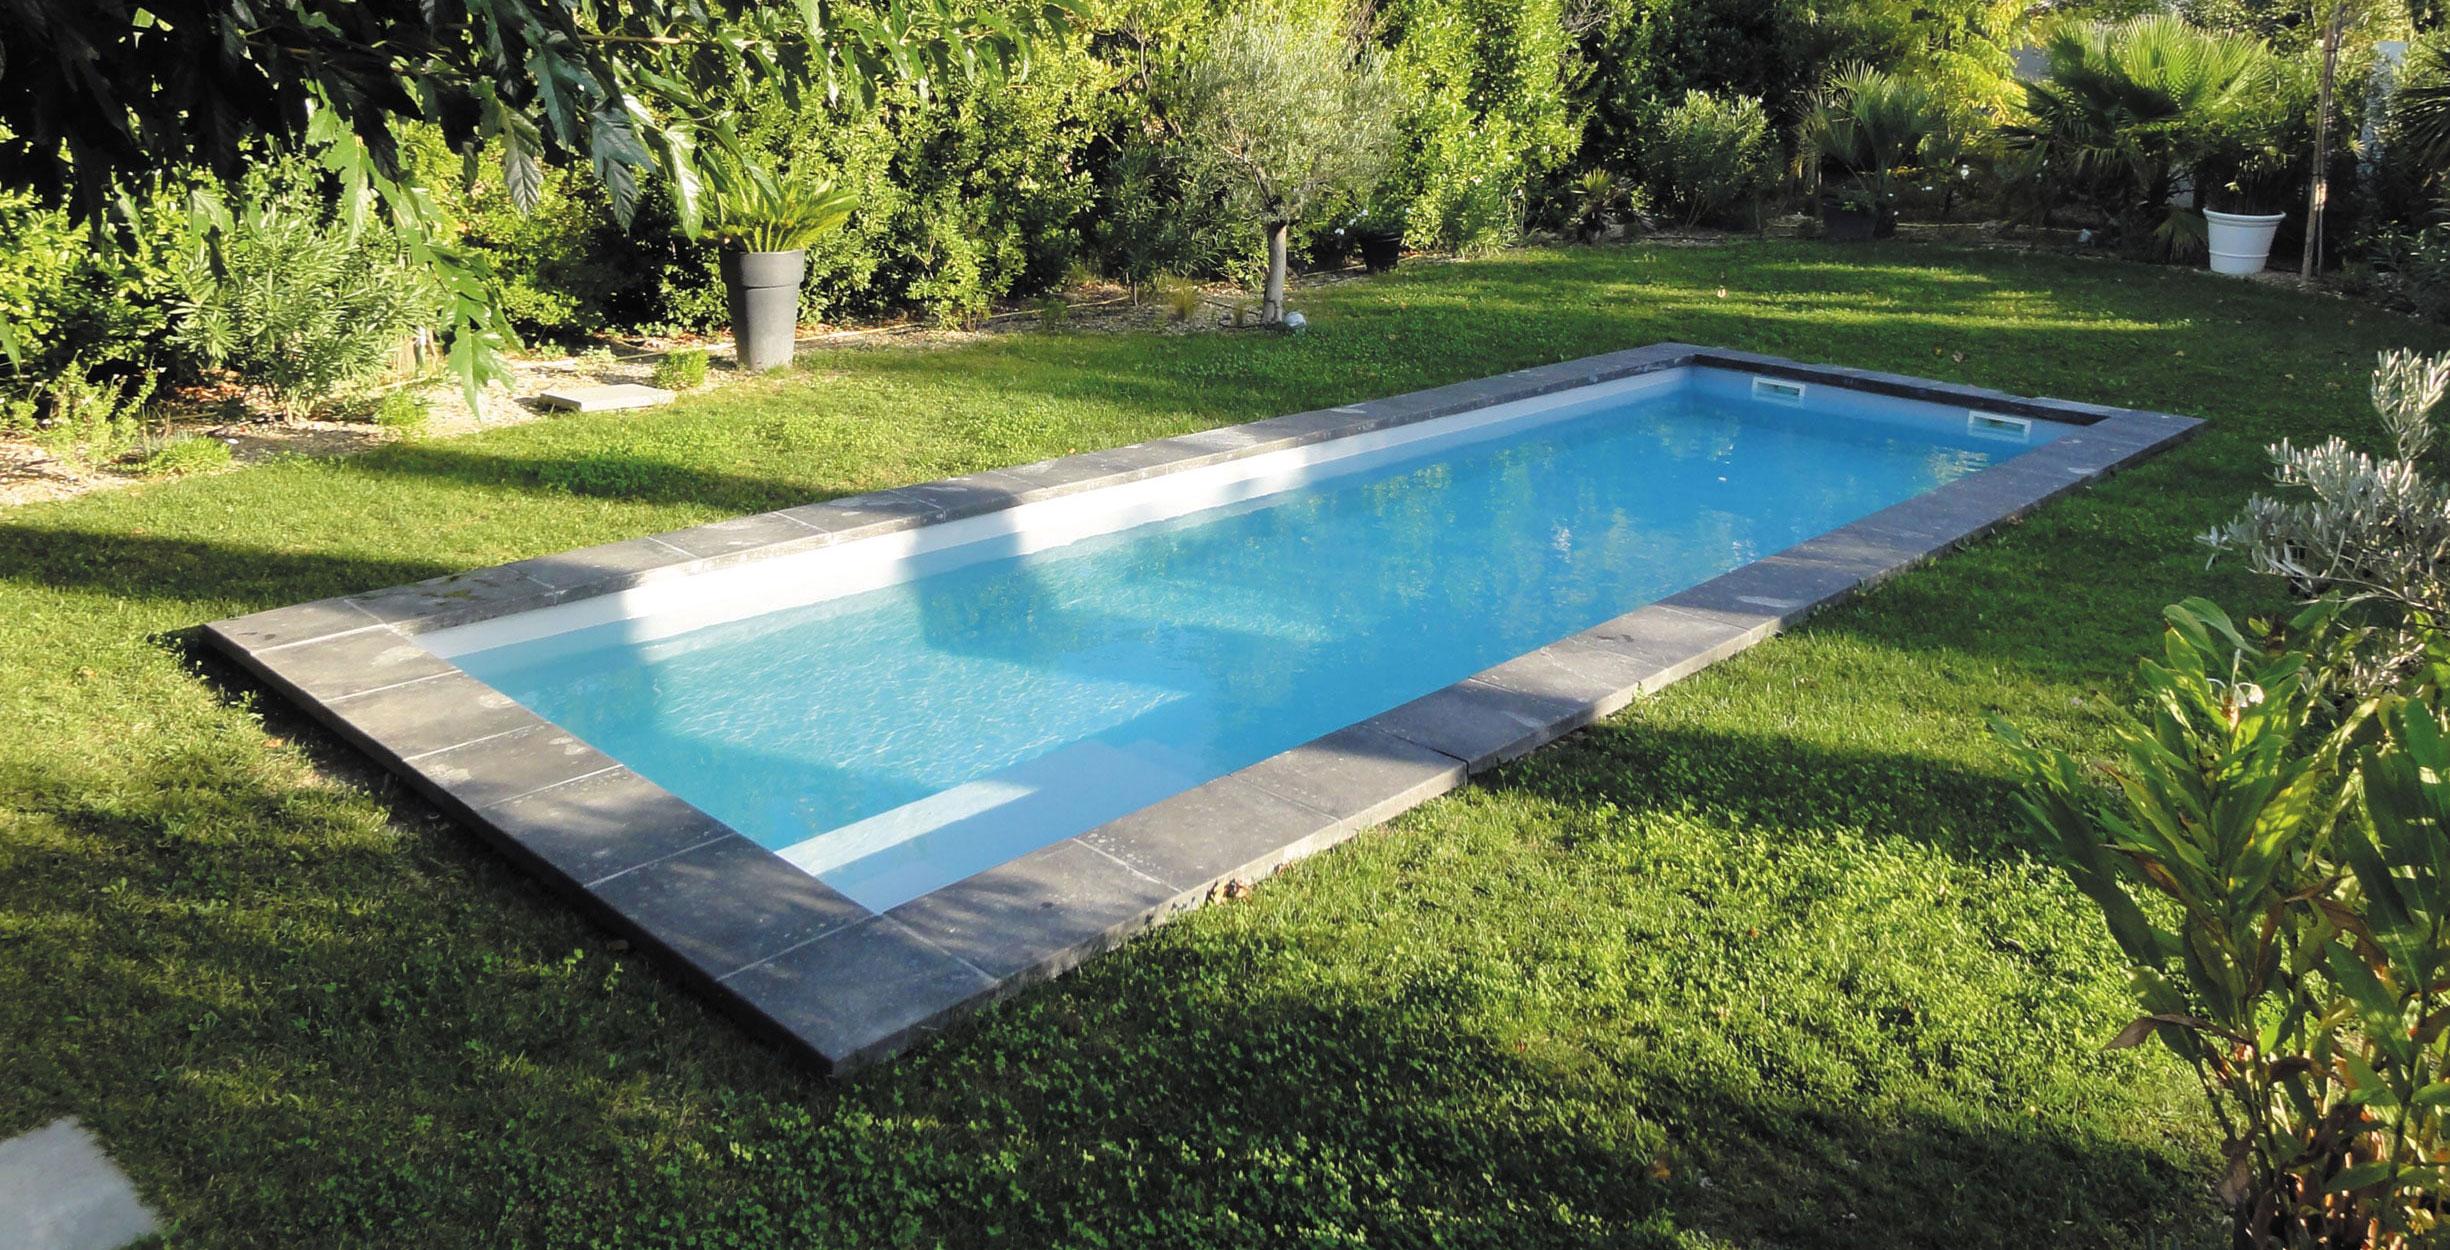 generation-piscine-drome-ardeche-modele-couloir-de-nage Points de vente - Génération Piscine Drôme Ardèche